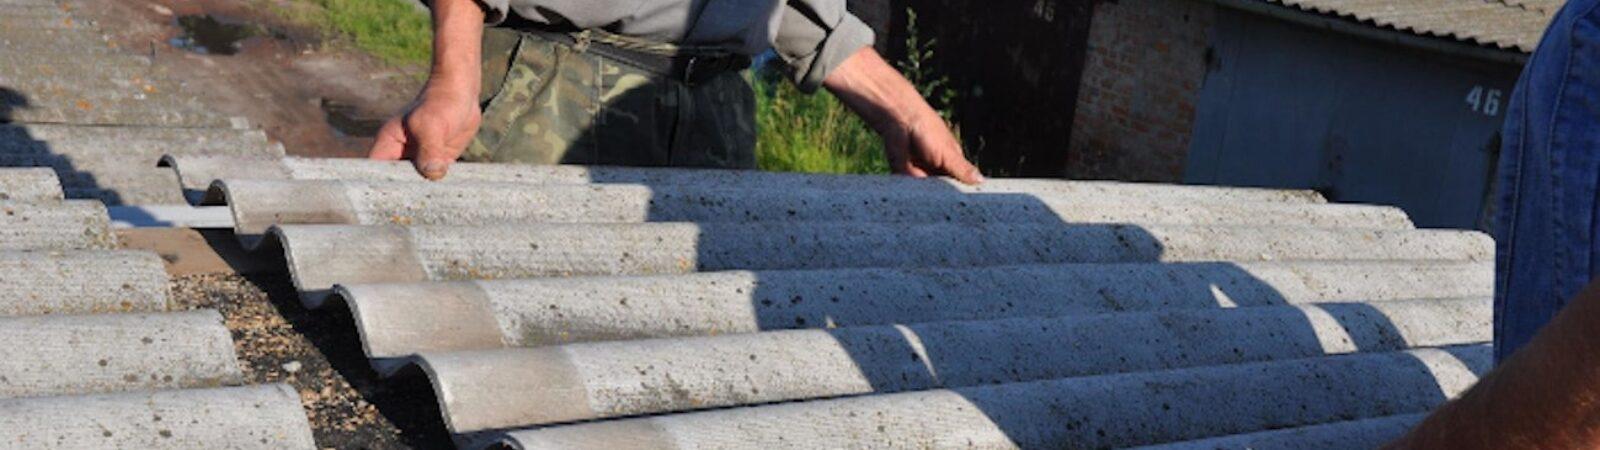 Как снять старый шифер с крыши, особенности демонтажа, основные этапы и меры предосторожности